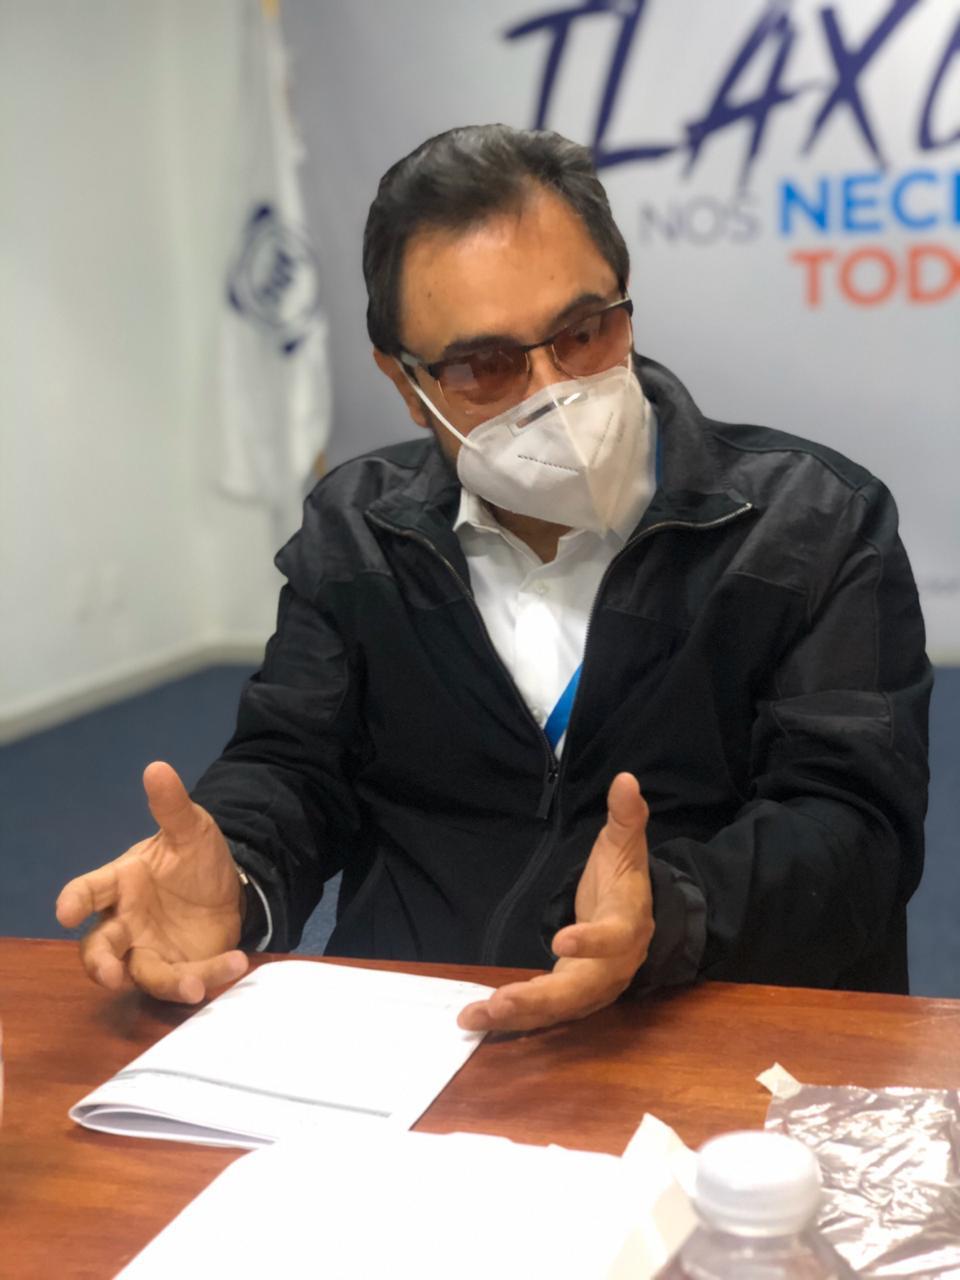 Peligra formación de docentes si siguen los recortes para Tlaxcala: Pepe Temoltzin